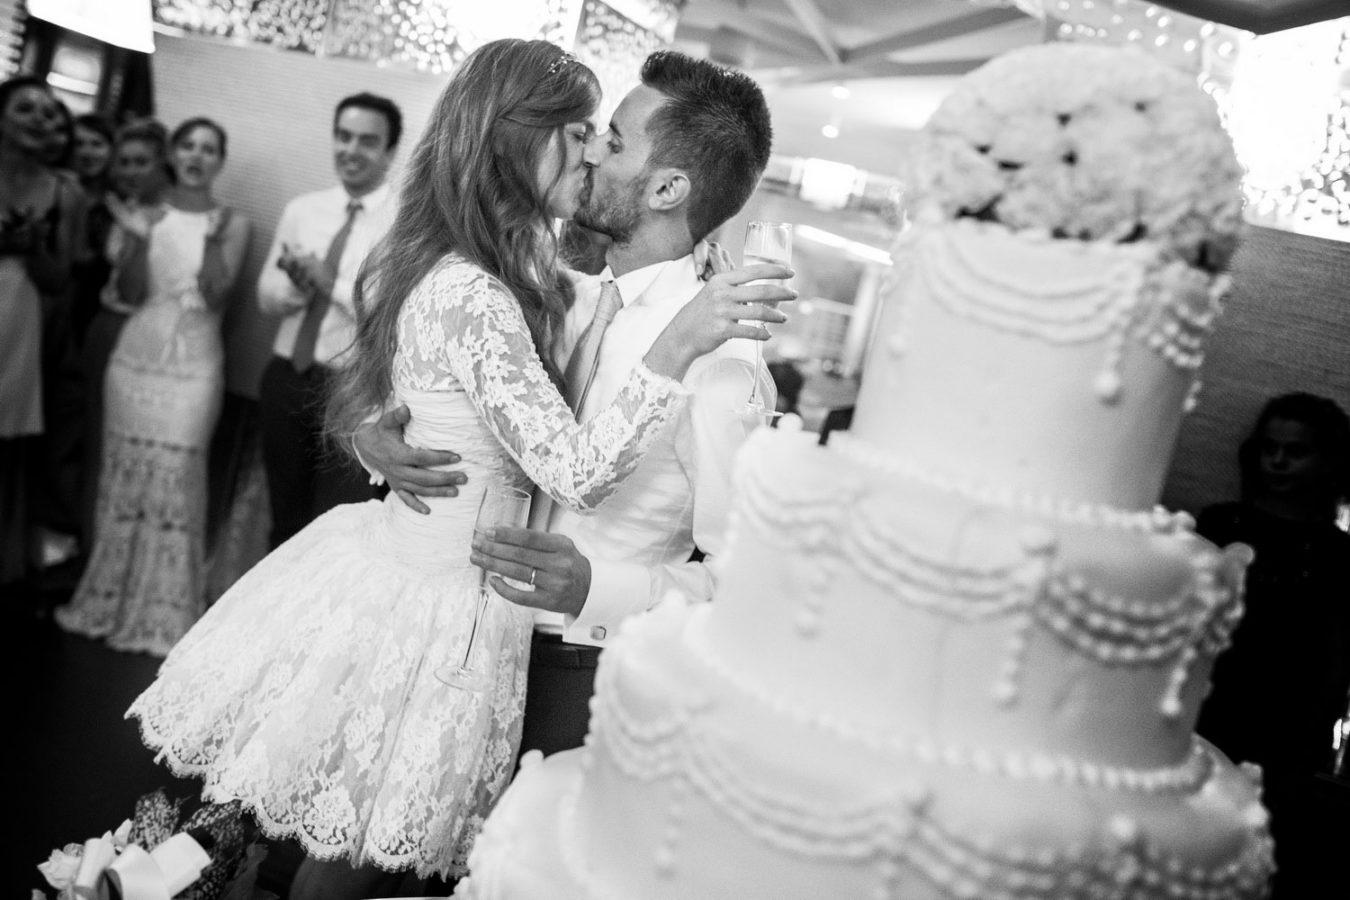 Matrimonio In Spiaggia Rimini : Una casa in legno per il matrimonio sulla spiaggia case in legno